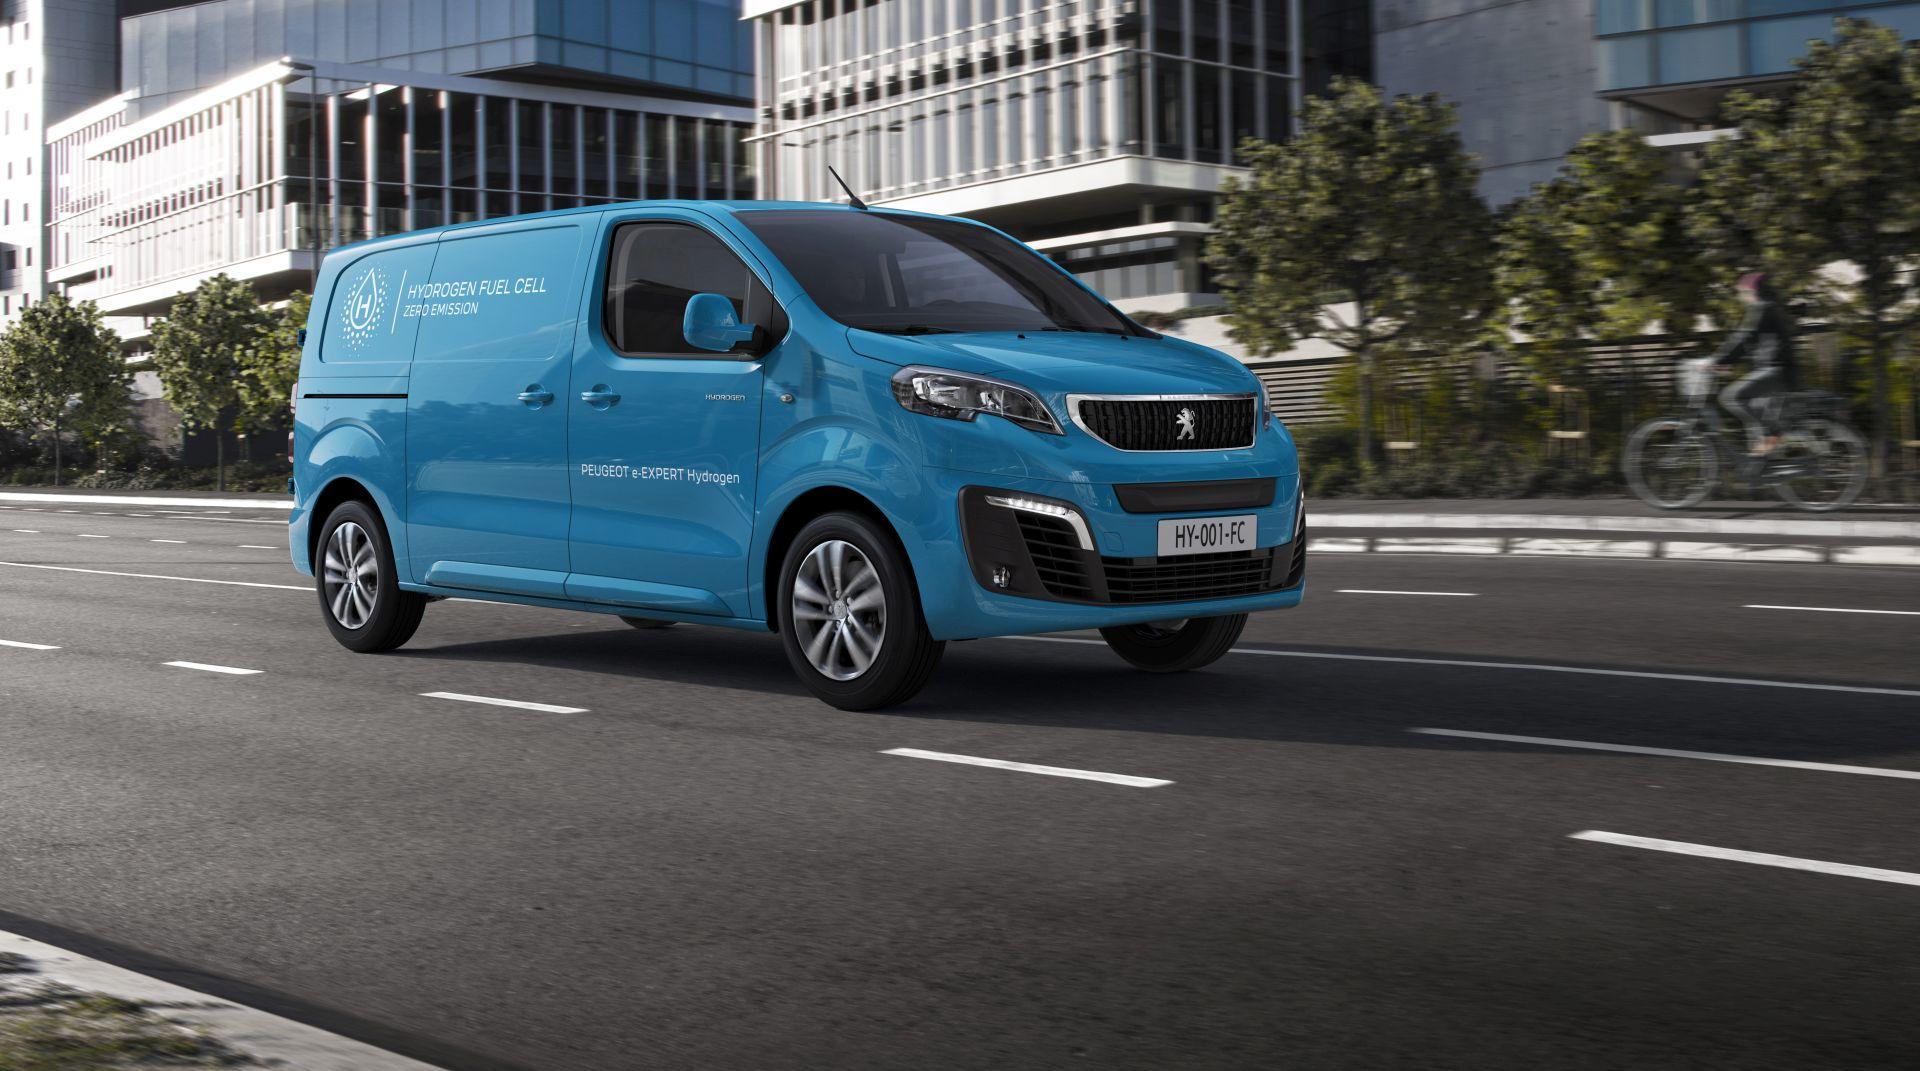 Predstavljen Peugeot e-Expert Hydrogen, električni model koji pokreću vodikove gorivne ćelije